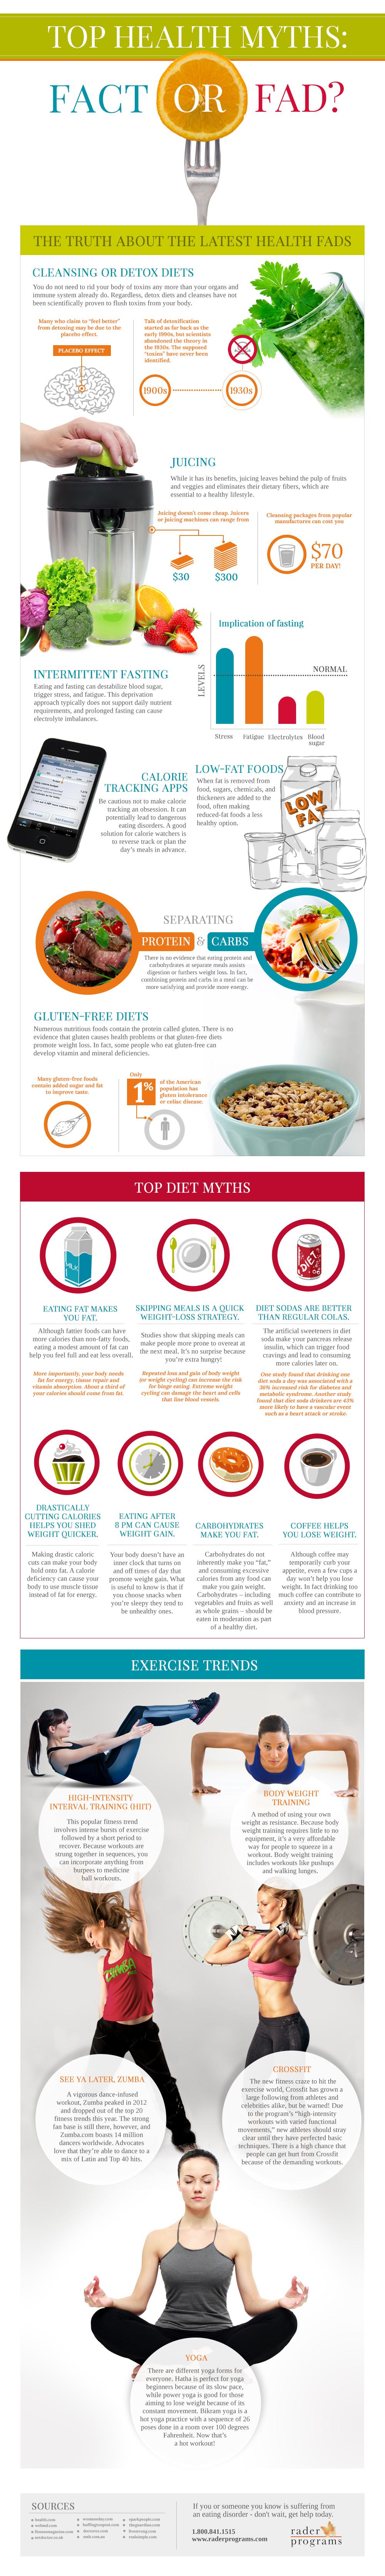 Top Health Myths